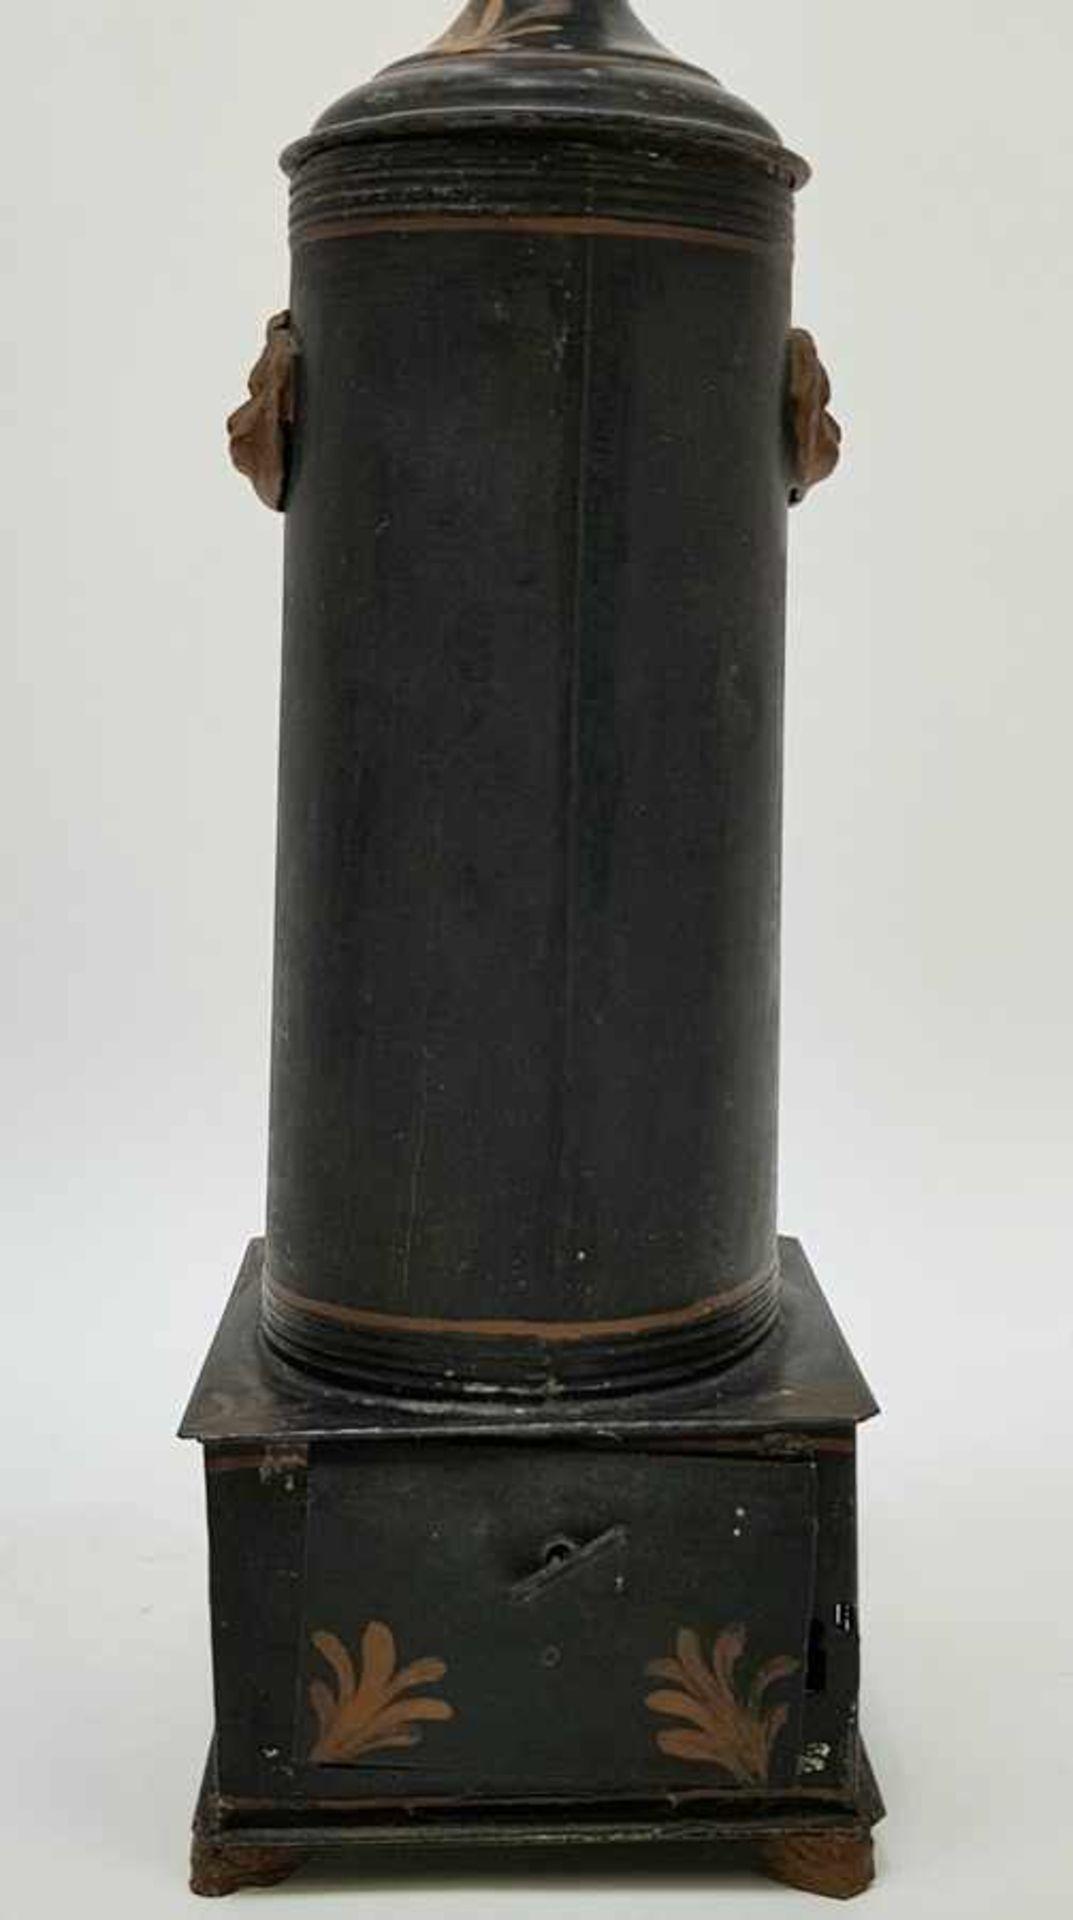 (Antiek) Blikken kraantjespot, theebus en dienblad - Image 4 of 10